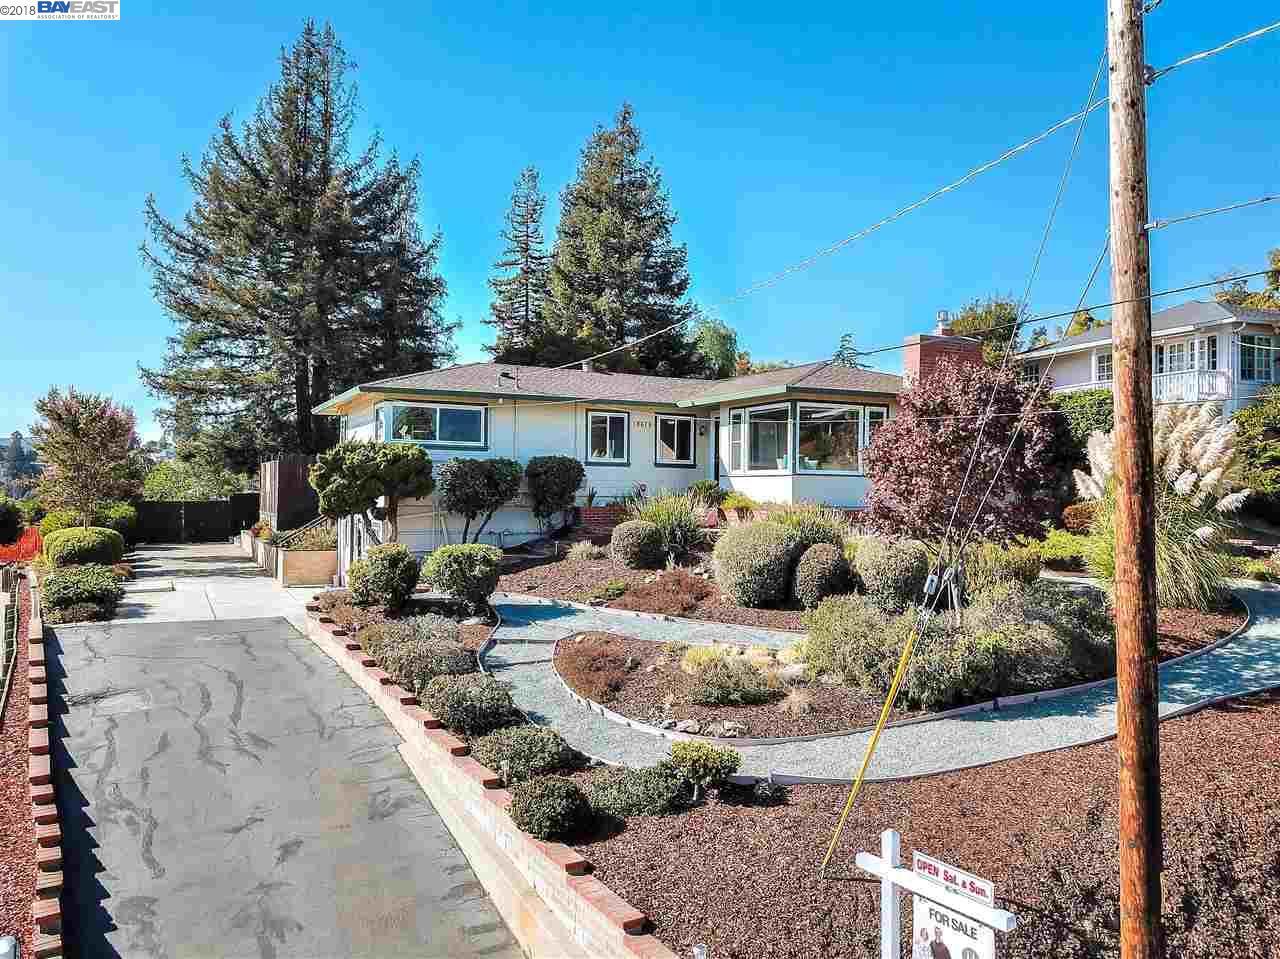 18675 Lamson Rd, Castro Valley, CA 94546, MLS # 40839408   Marvin ...